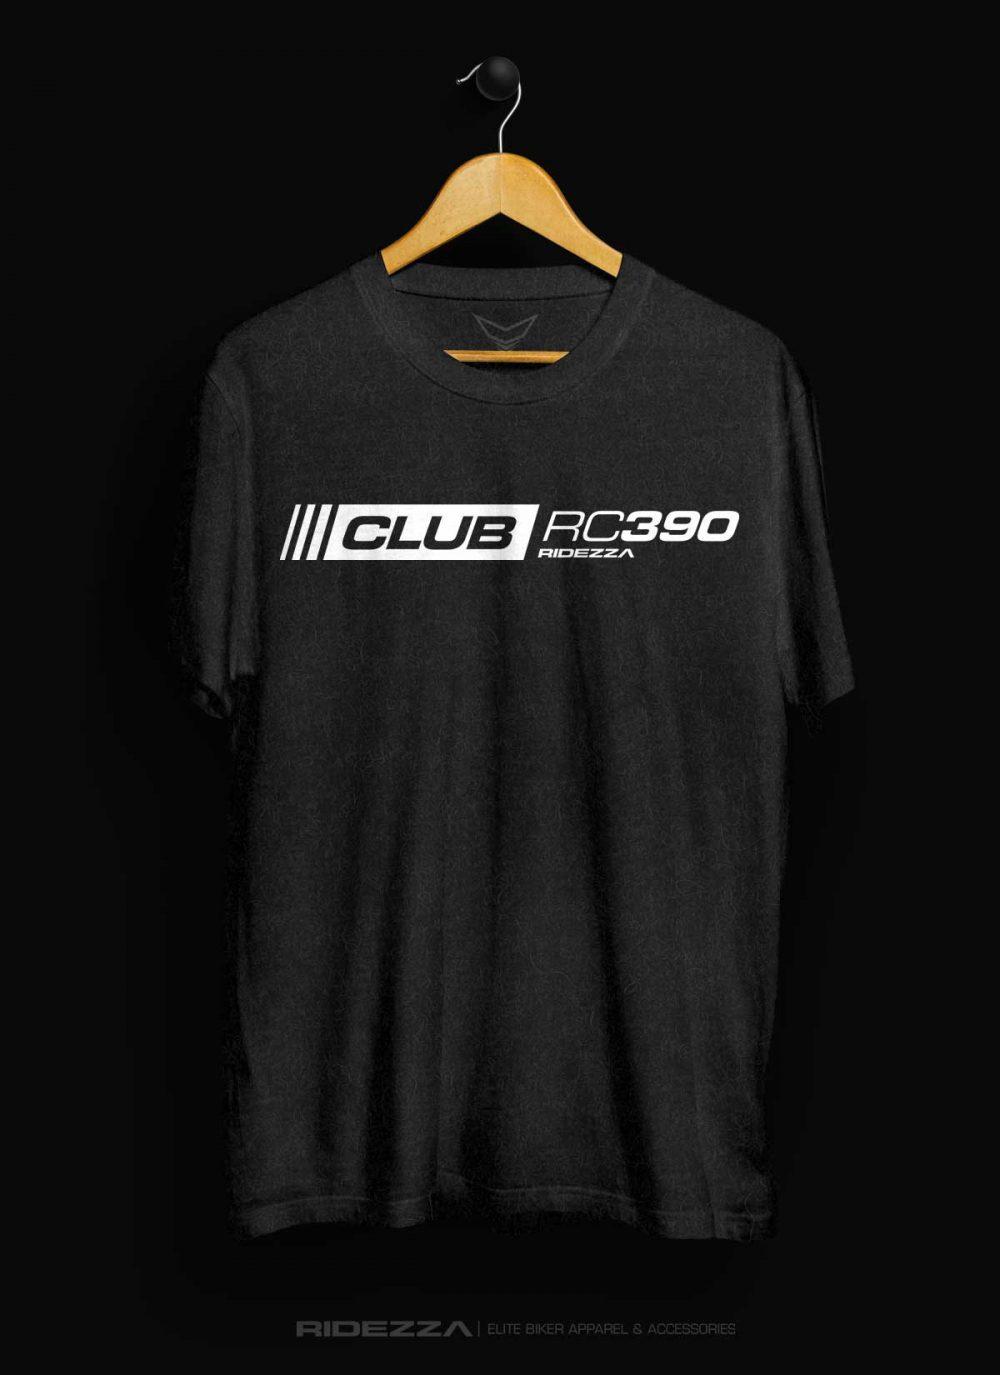 KTM RC 390 Club T-Shirt